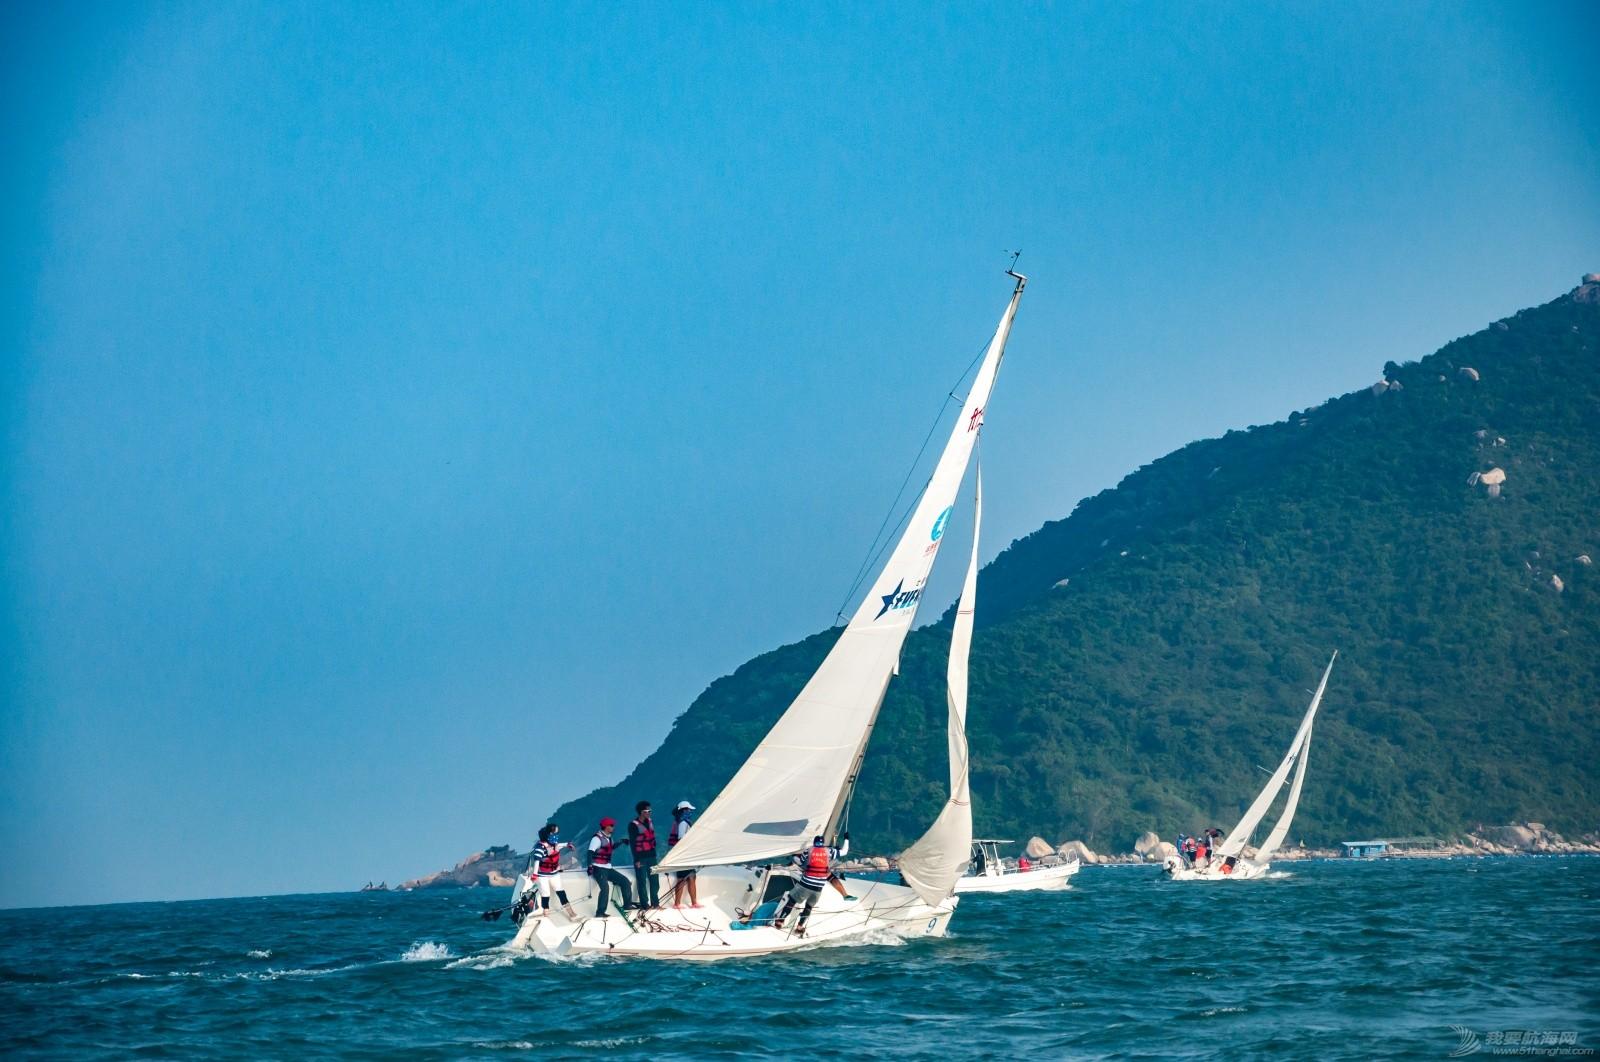 【2015大鹏杯帆船赛】51航海网船队在比赛中 s017.jpg